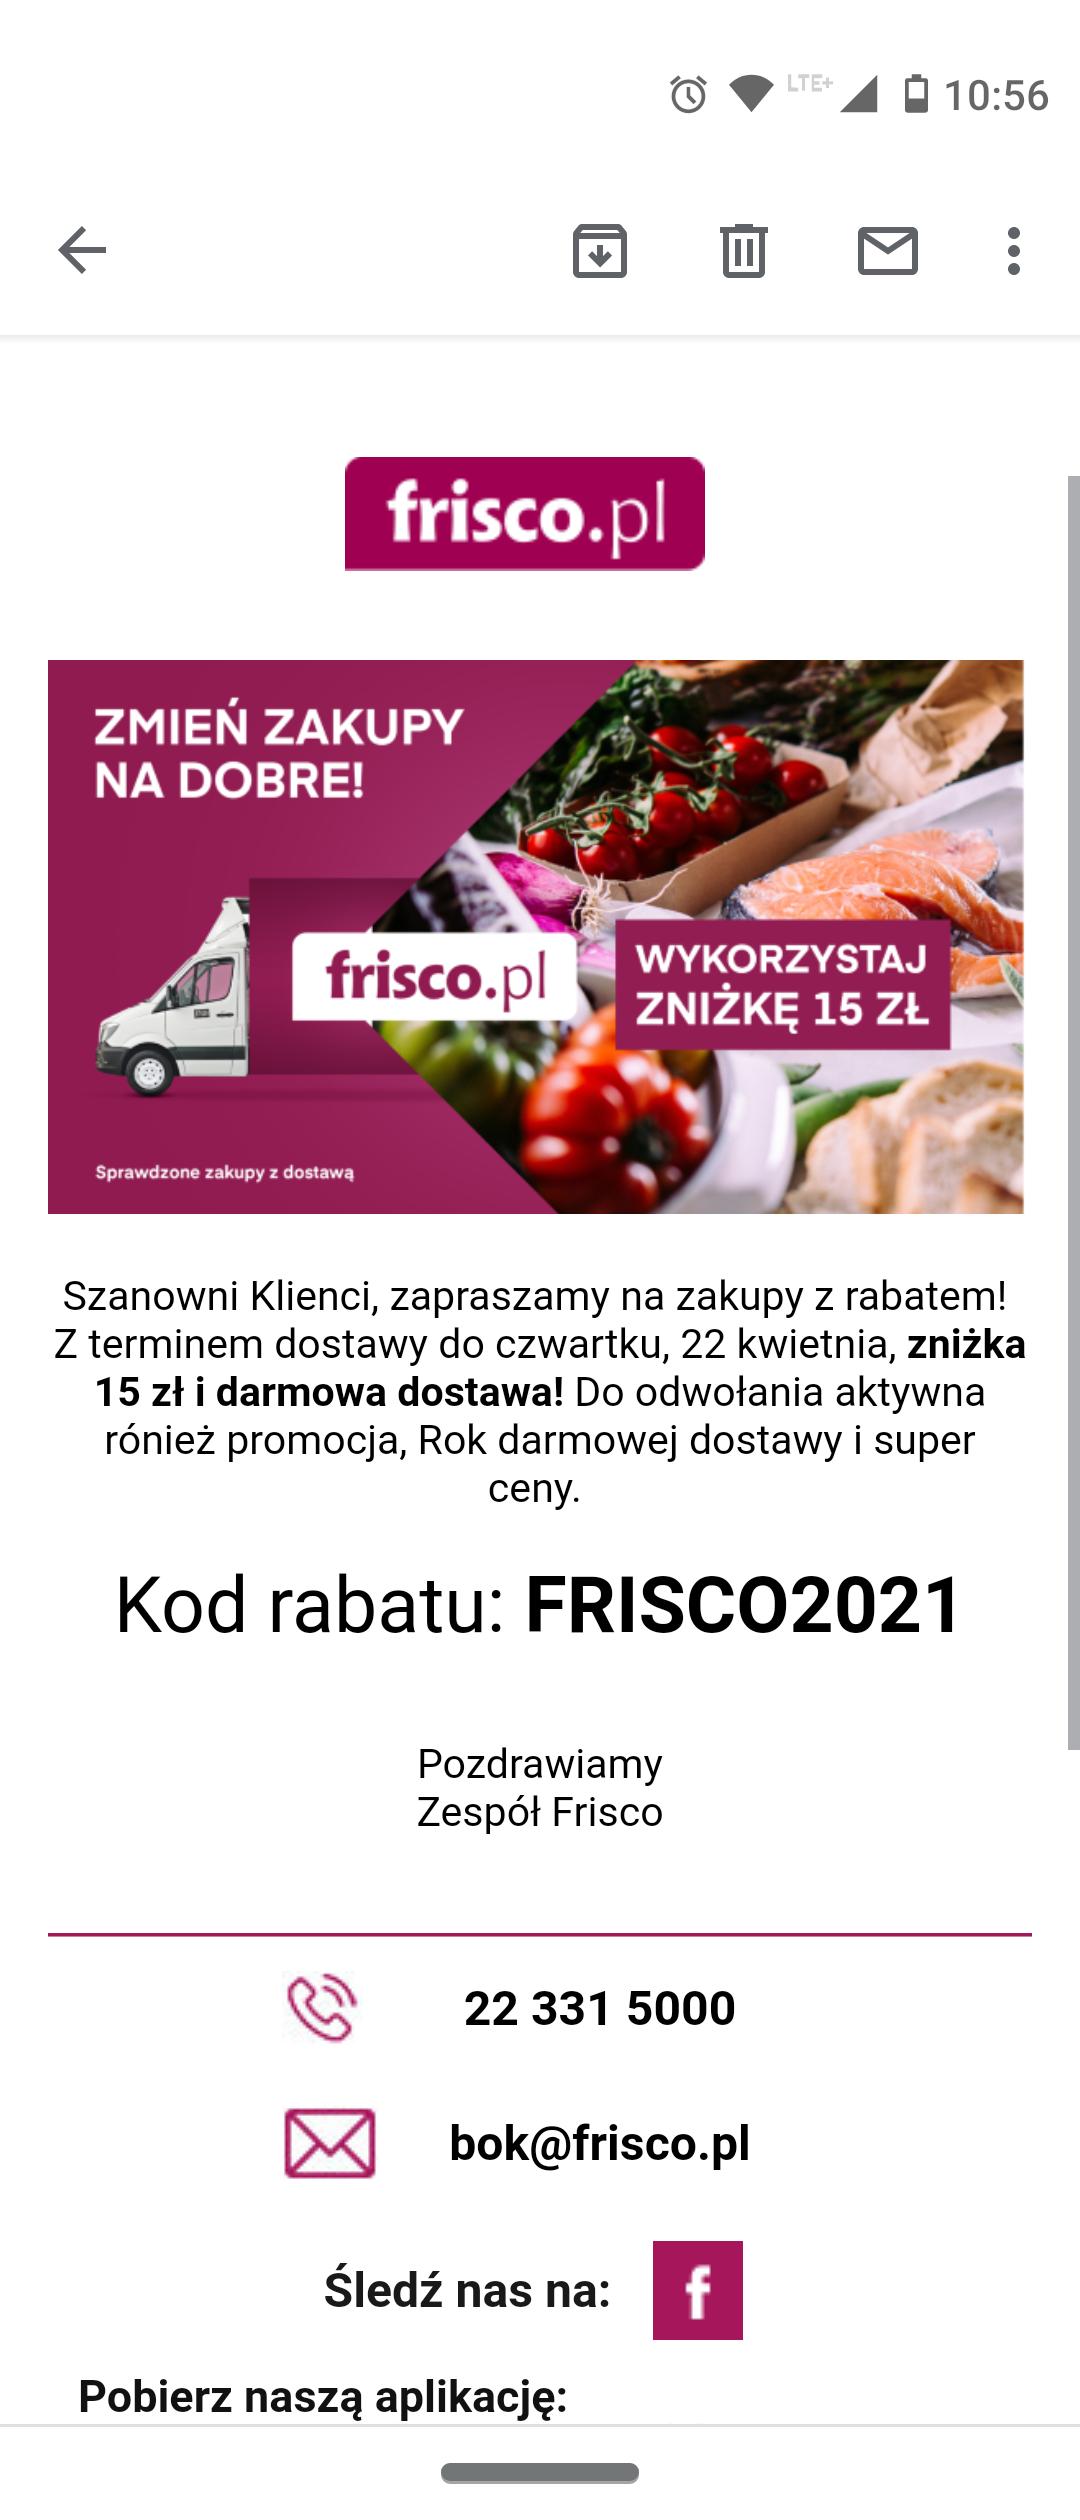 Frisco kupon 15zl + darmowa wysyłka (MKW 200 PLN)